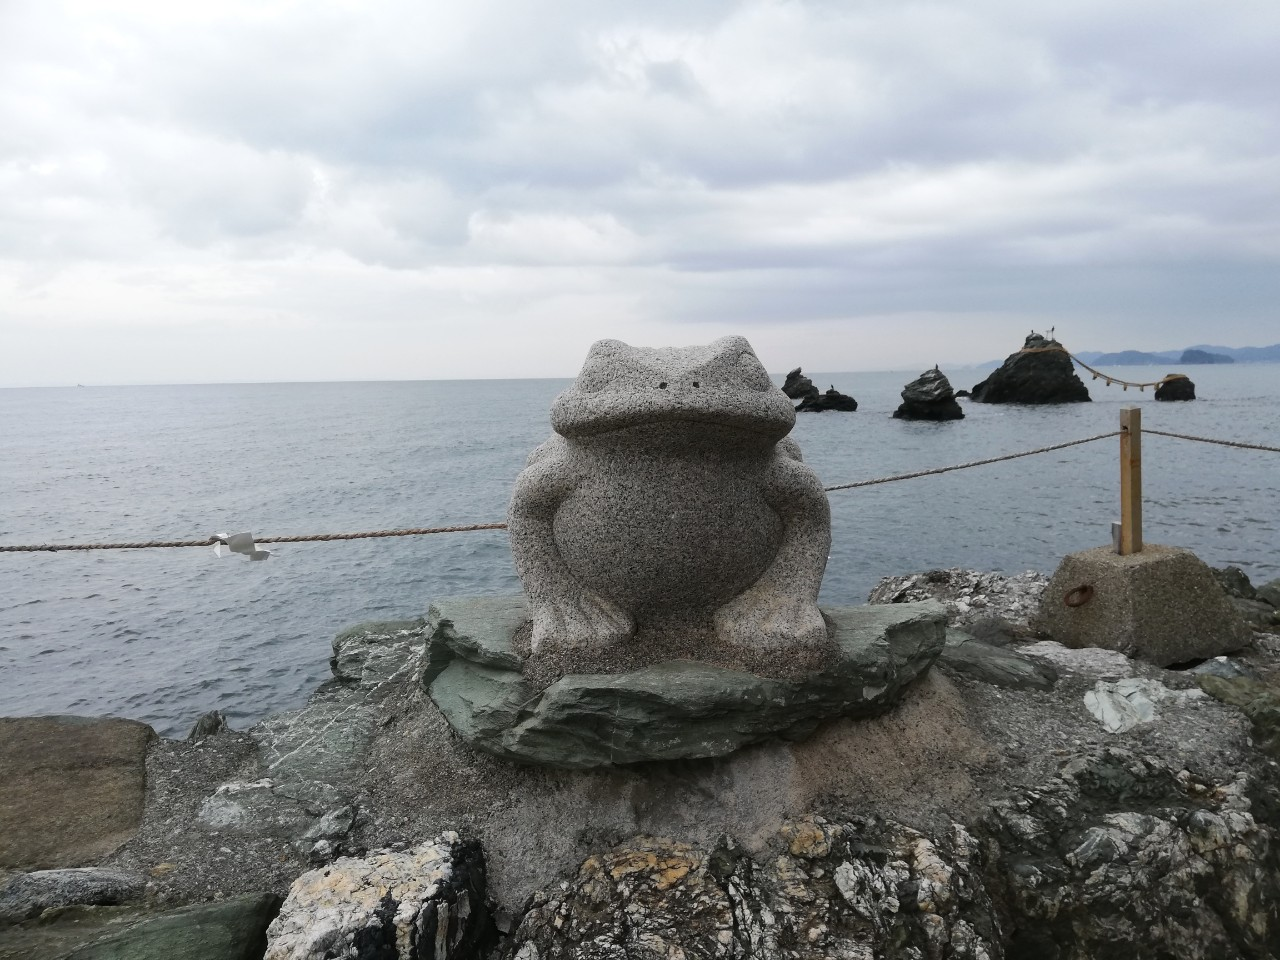 二見興玉神社の面白い表情をしたカエルの石像